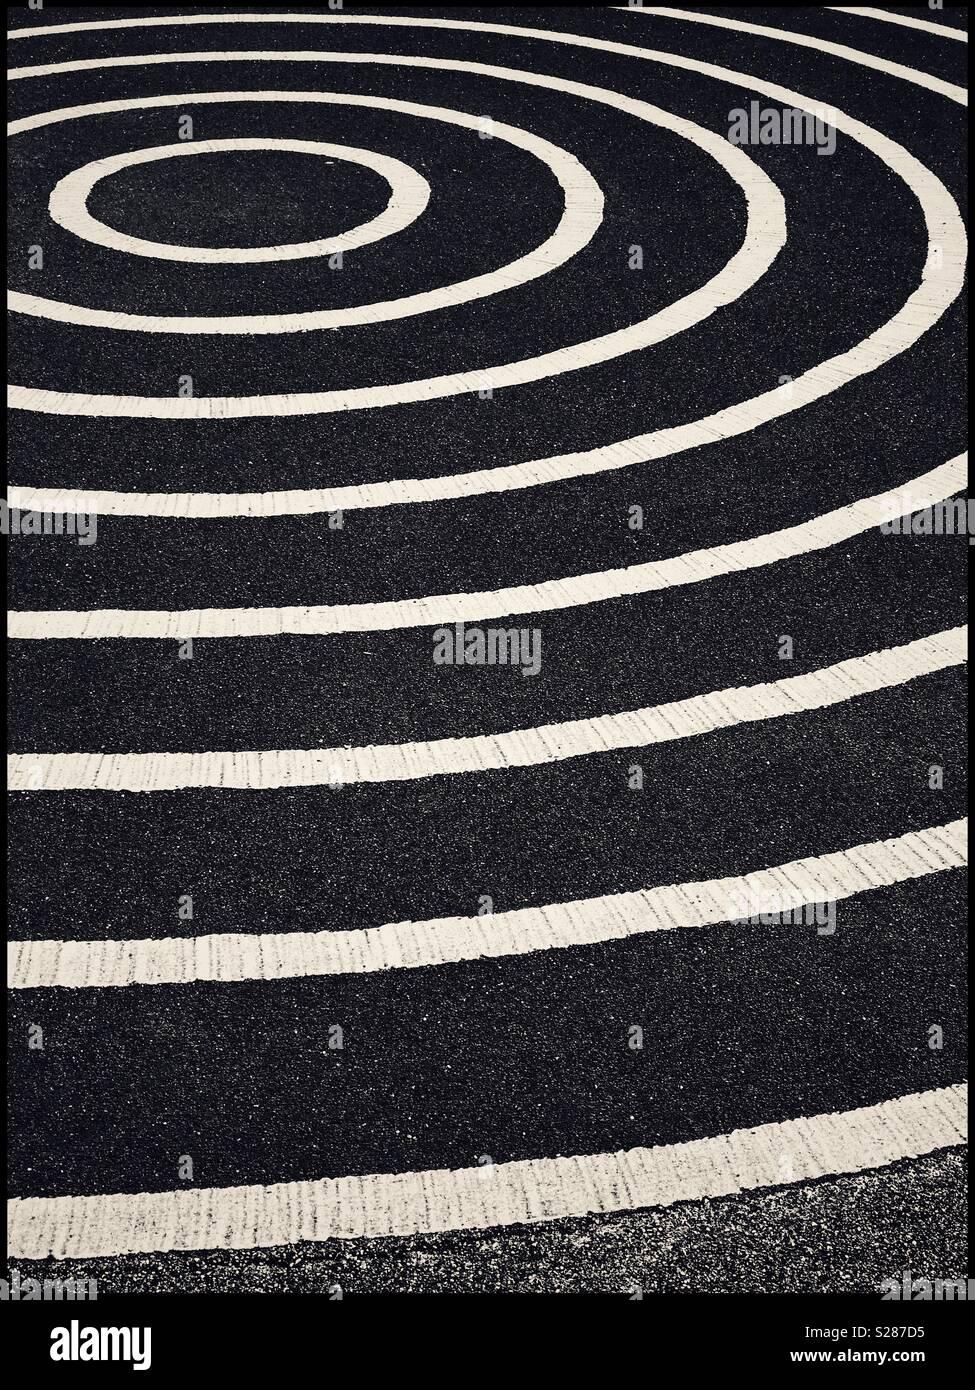 Eine Grafik, ein monochromes Bild der konzentrischen Kreise, gemalt auf eine große Fläche von Asphalt (Asphalt). Ein Bild mit mehreren Verwendungsmöglichkeiten. Foto - © COLIN HOSKINS. Stockbild